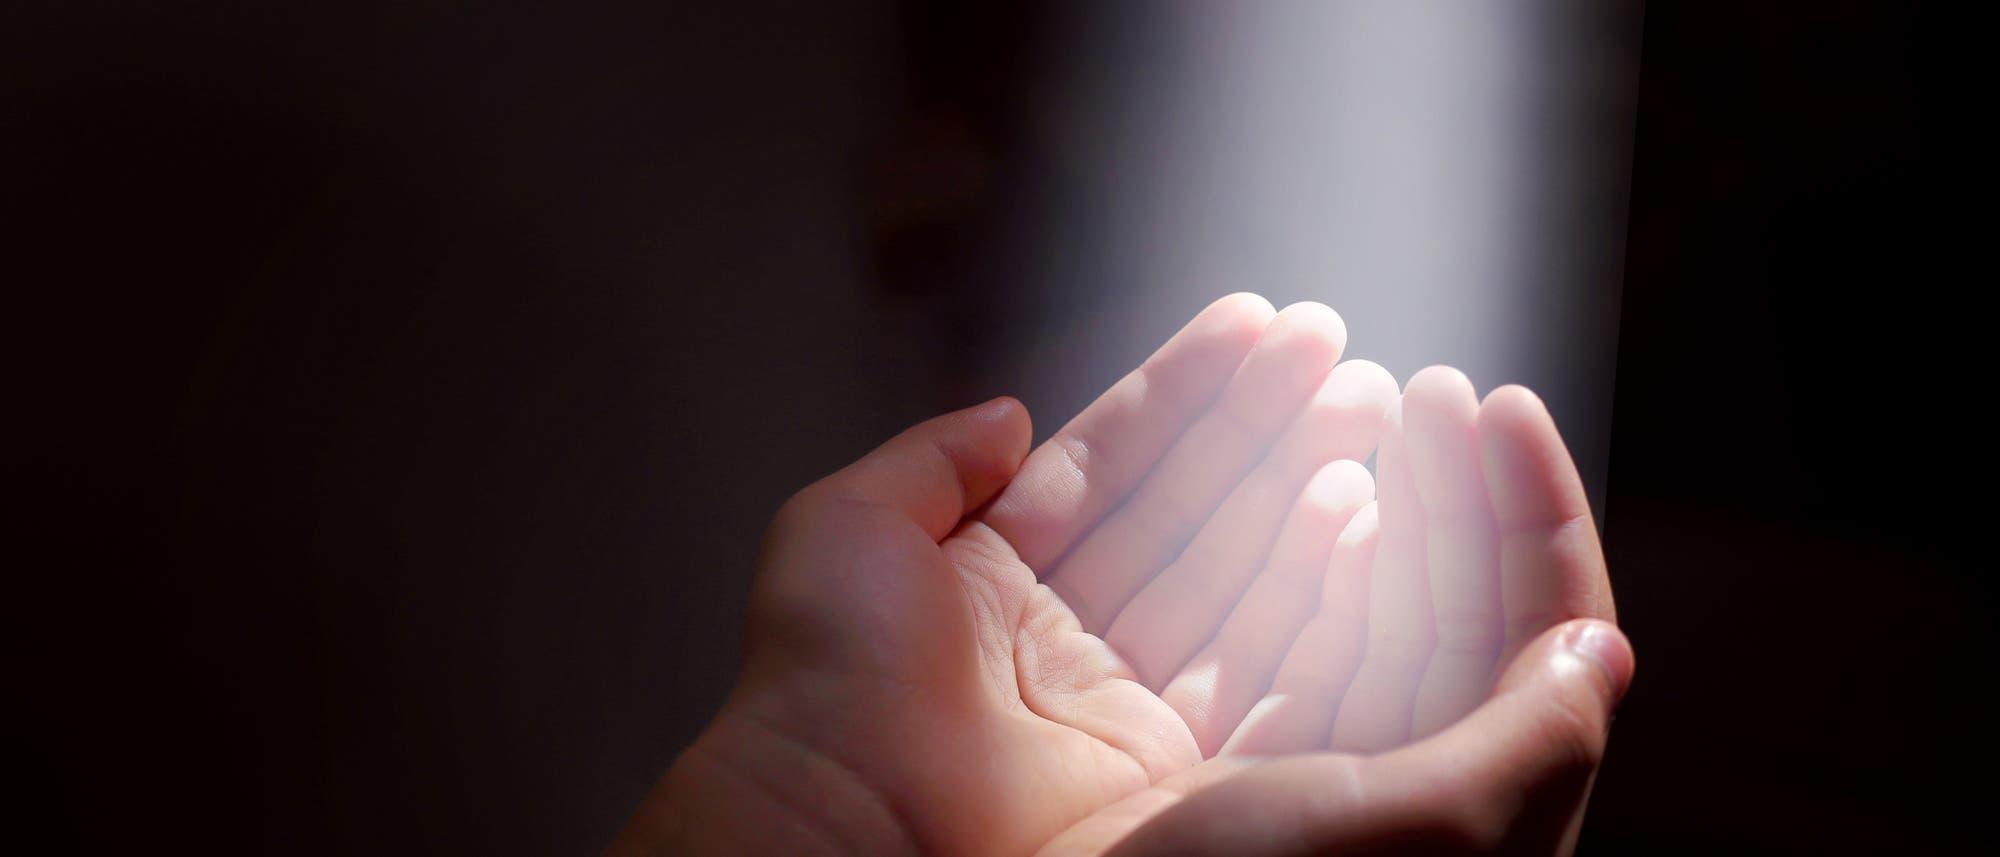 Hände fangen Lichtstrahl auf